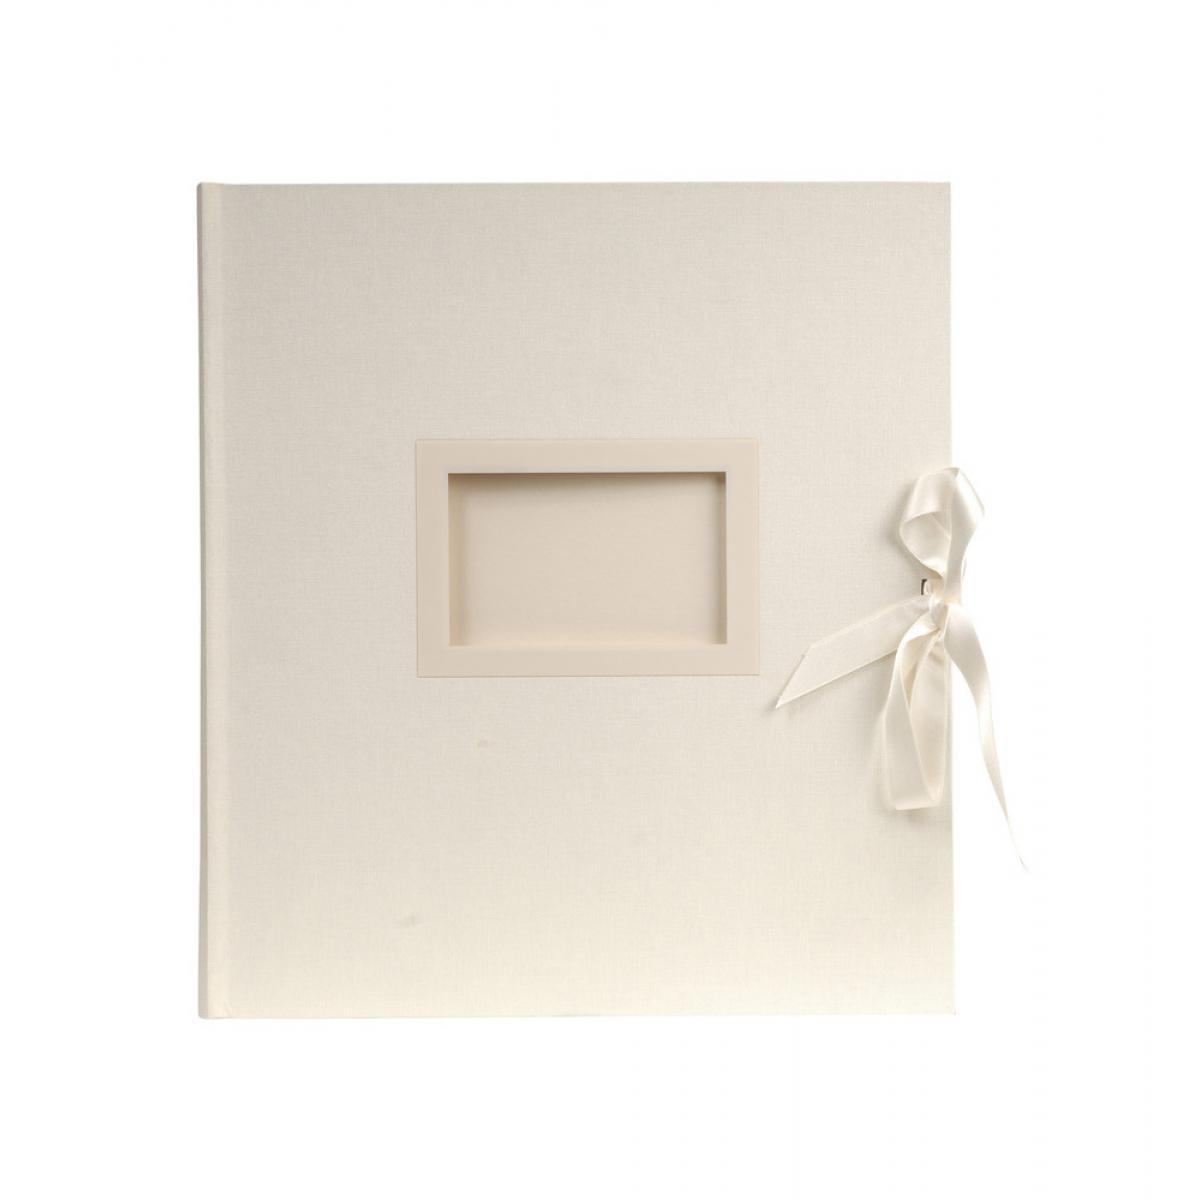 Ac-Deco Album photos livre Kingsbridge 60 pages - 29 x 32 cm - Blanc